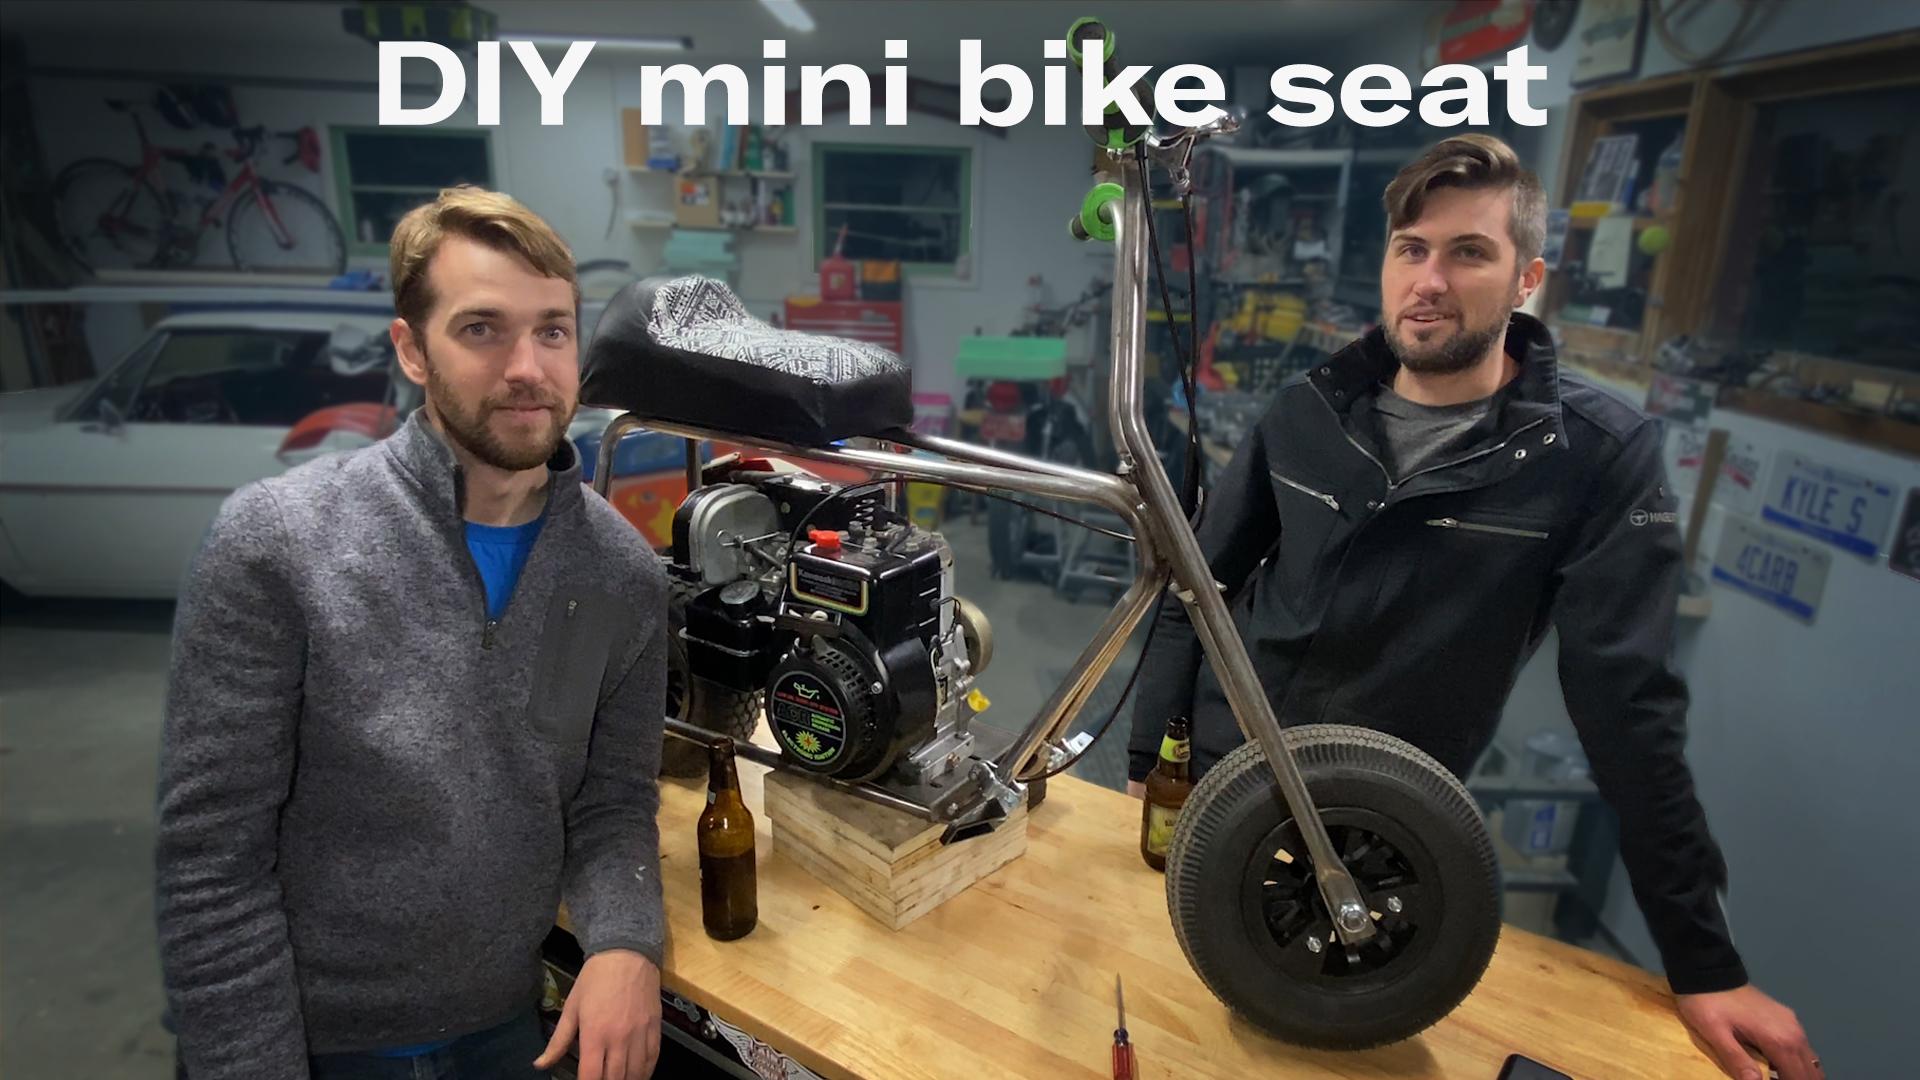 Kyle's garage mini bike seat